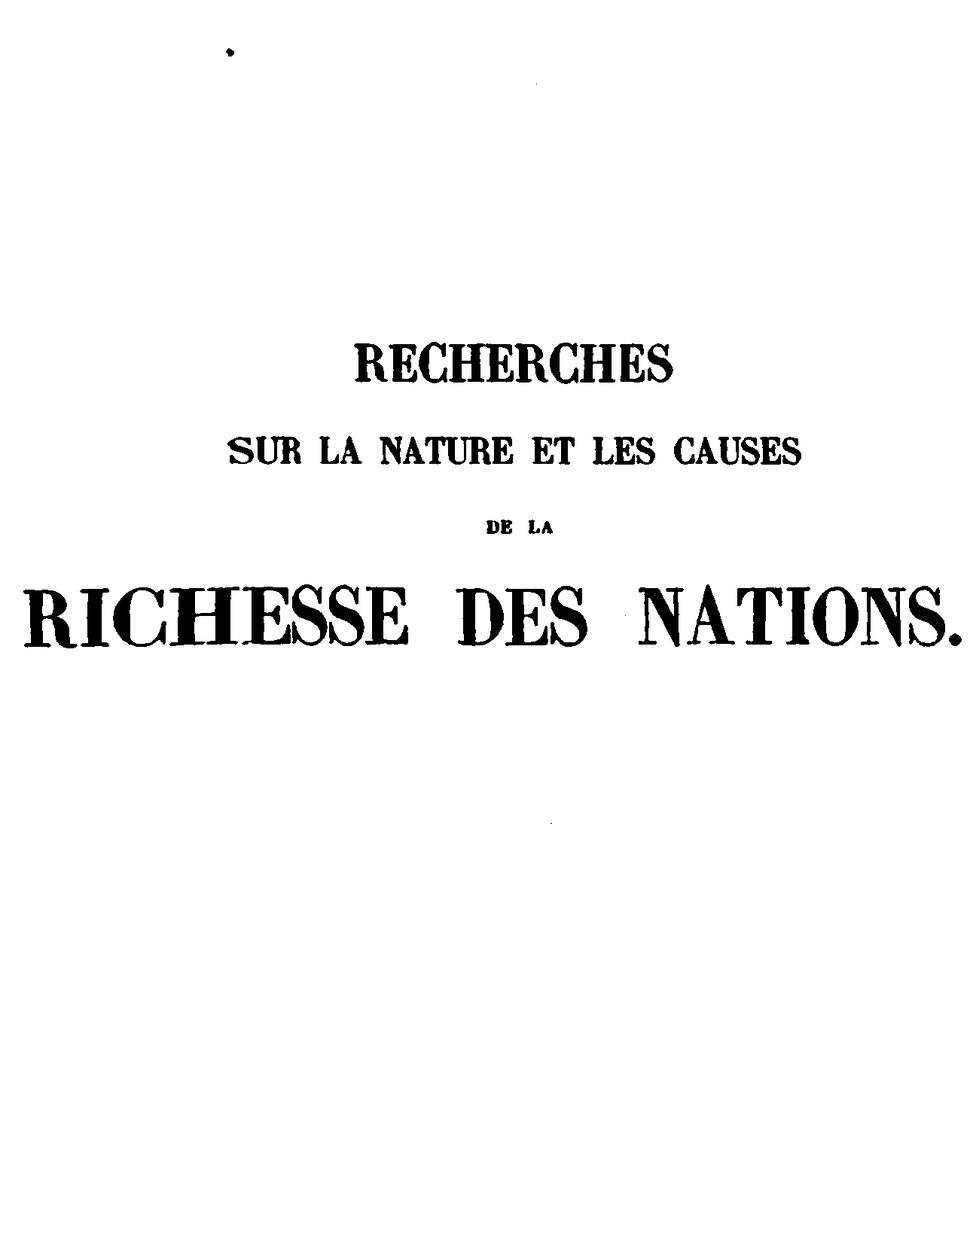 Smith - Recherches sur la nature et les causes de la richesse des nations, Blanqui, 1843, I.djvu